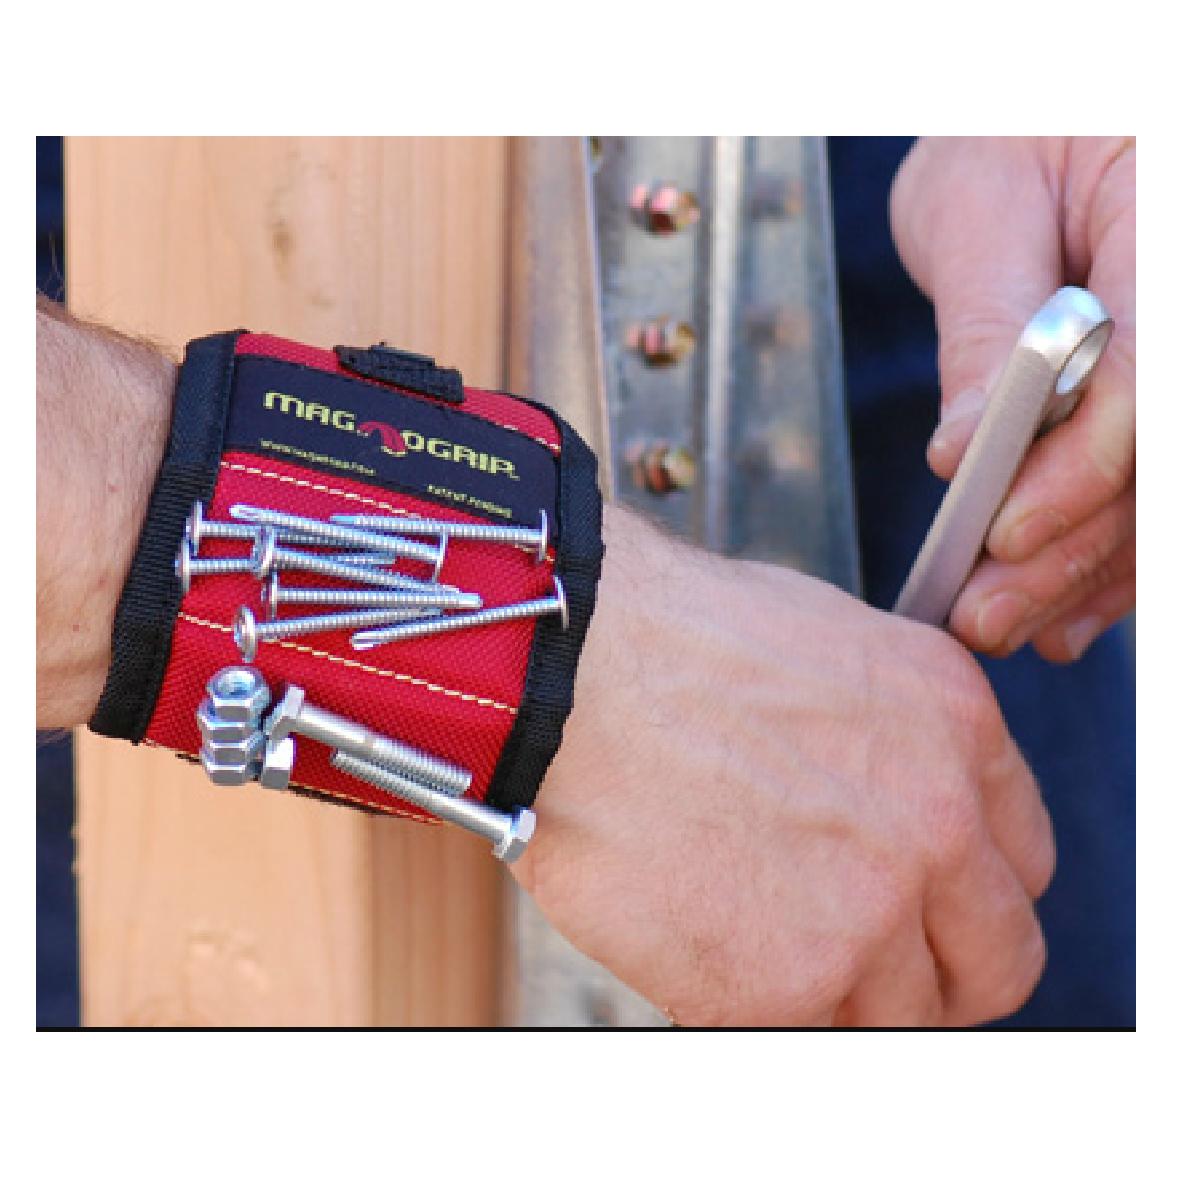 cadeaux 2 ouf id es de cadeaux insolites et originaux un bracelet magn tique pour les. Black Bedroom Furniture Sets. Home Design Ideas